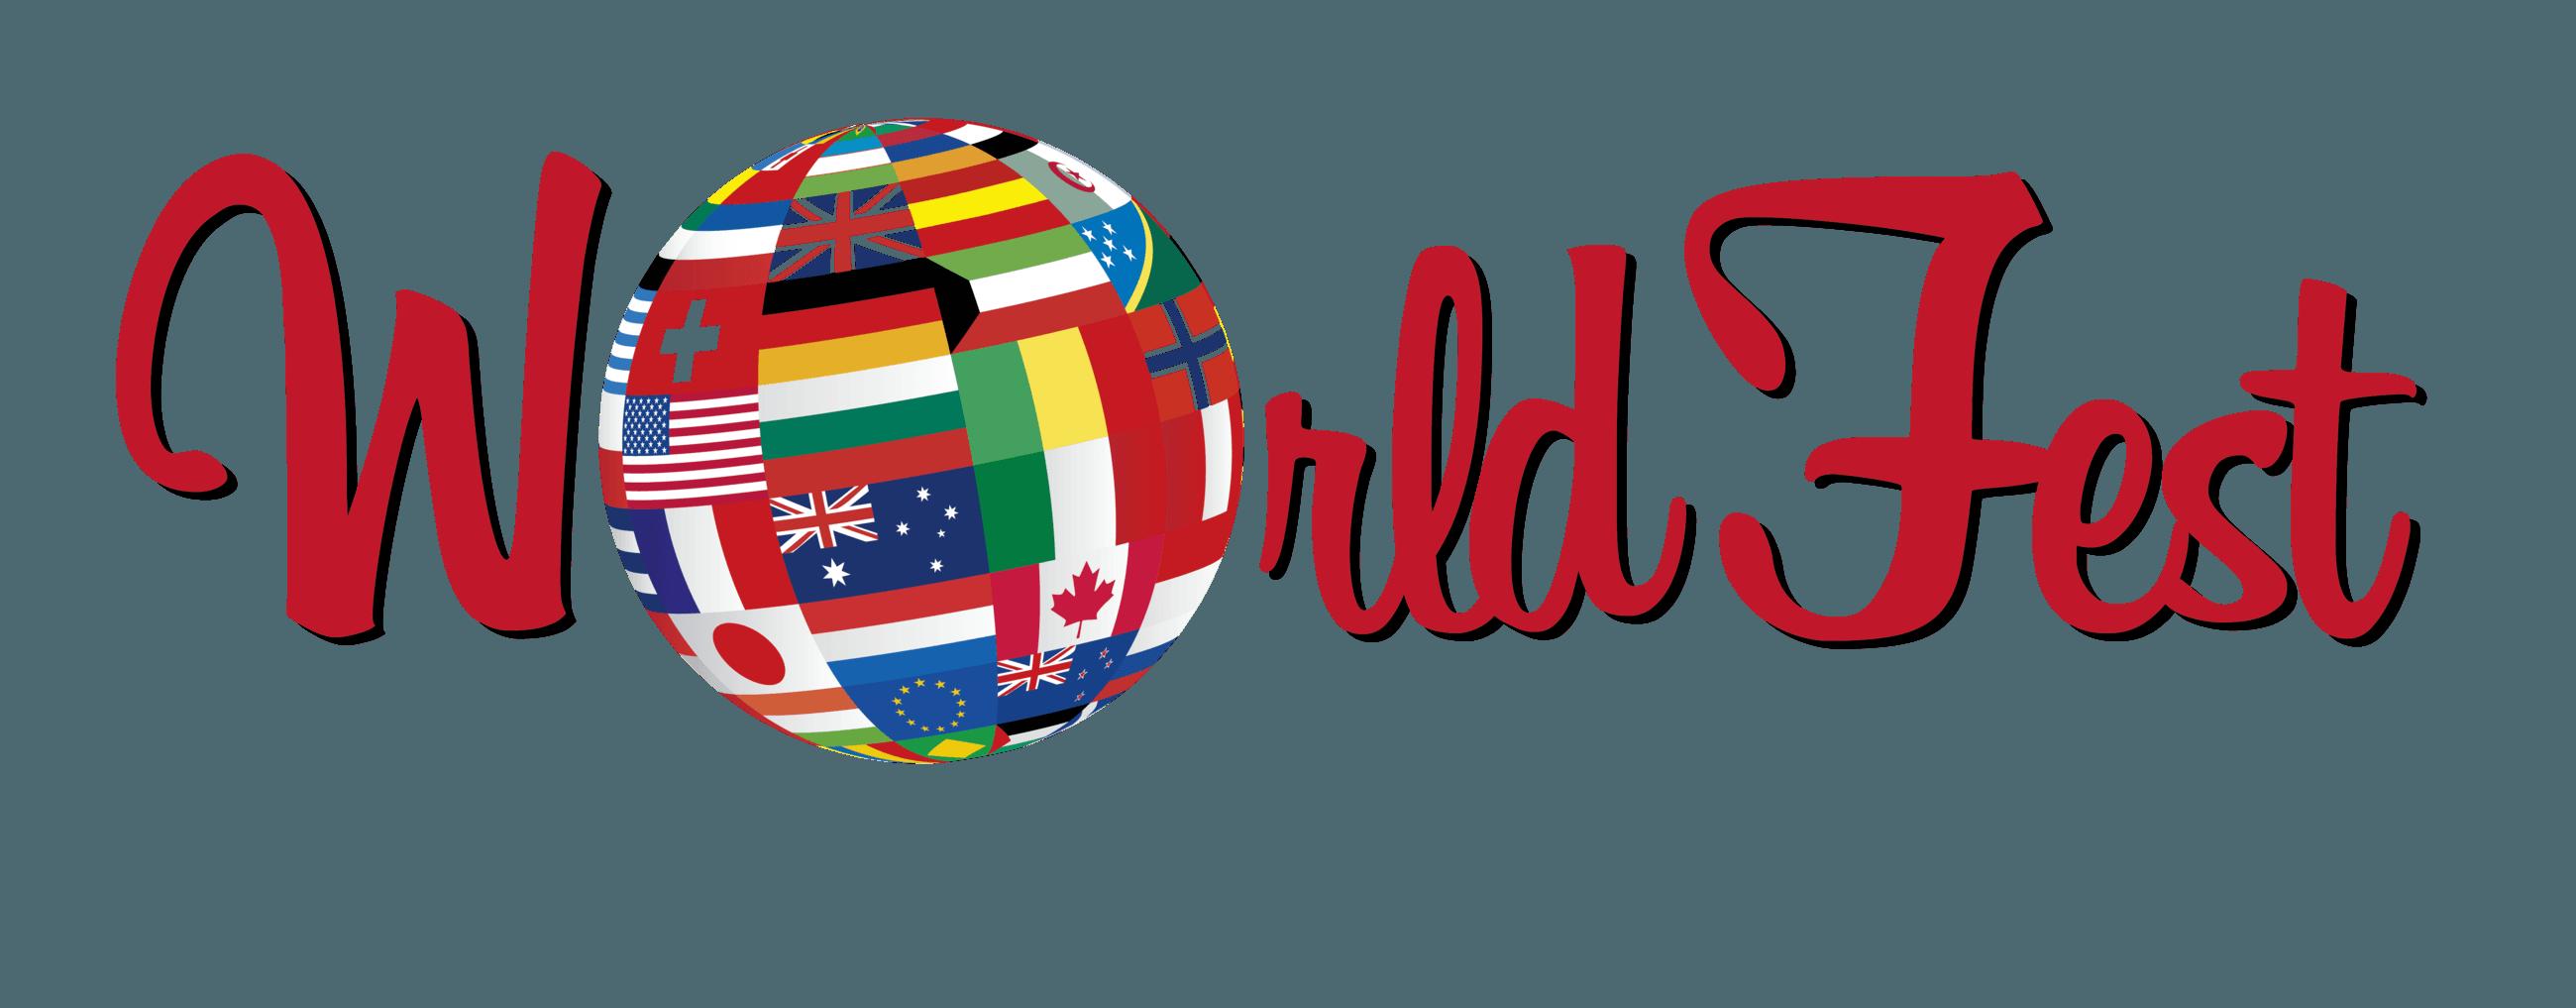 Blaine world fest mn. Diversity clipart cultural festival